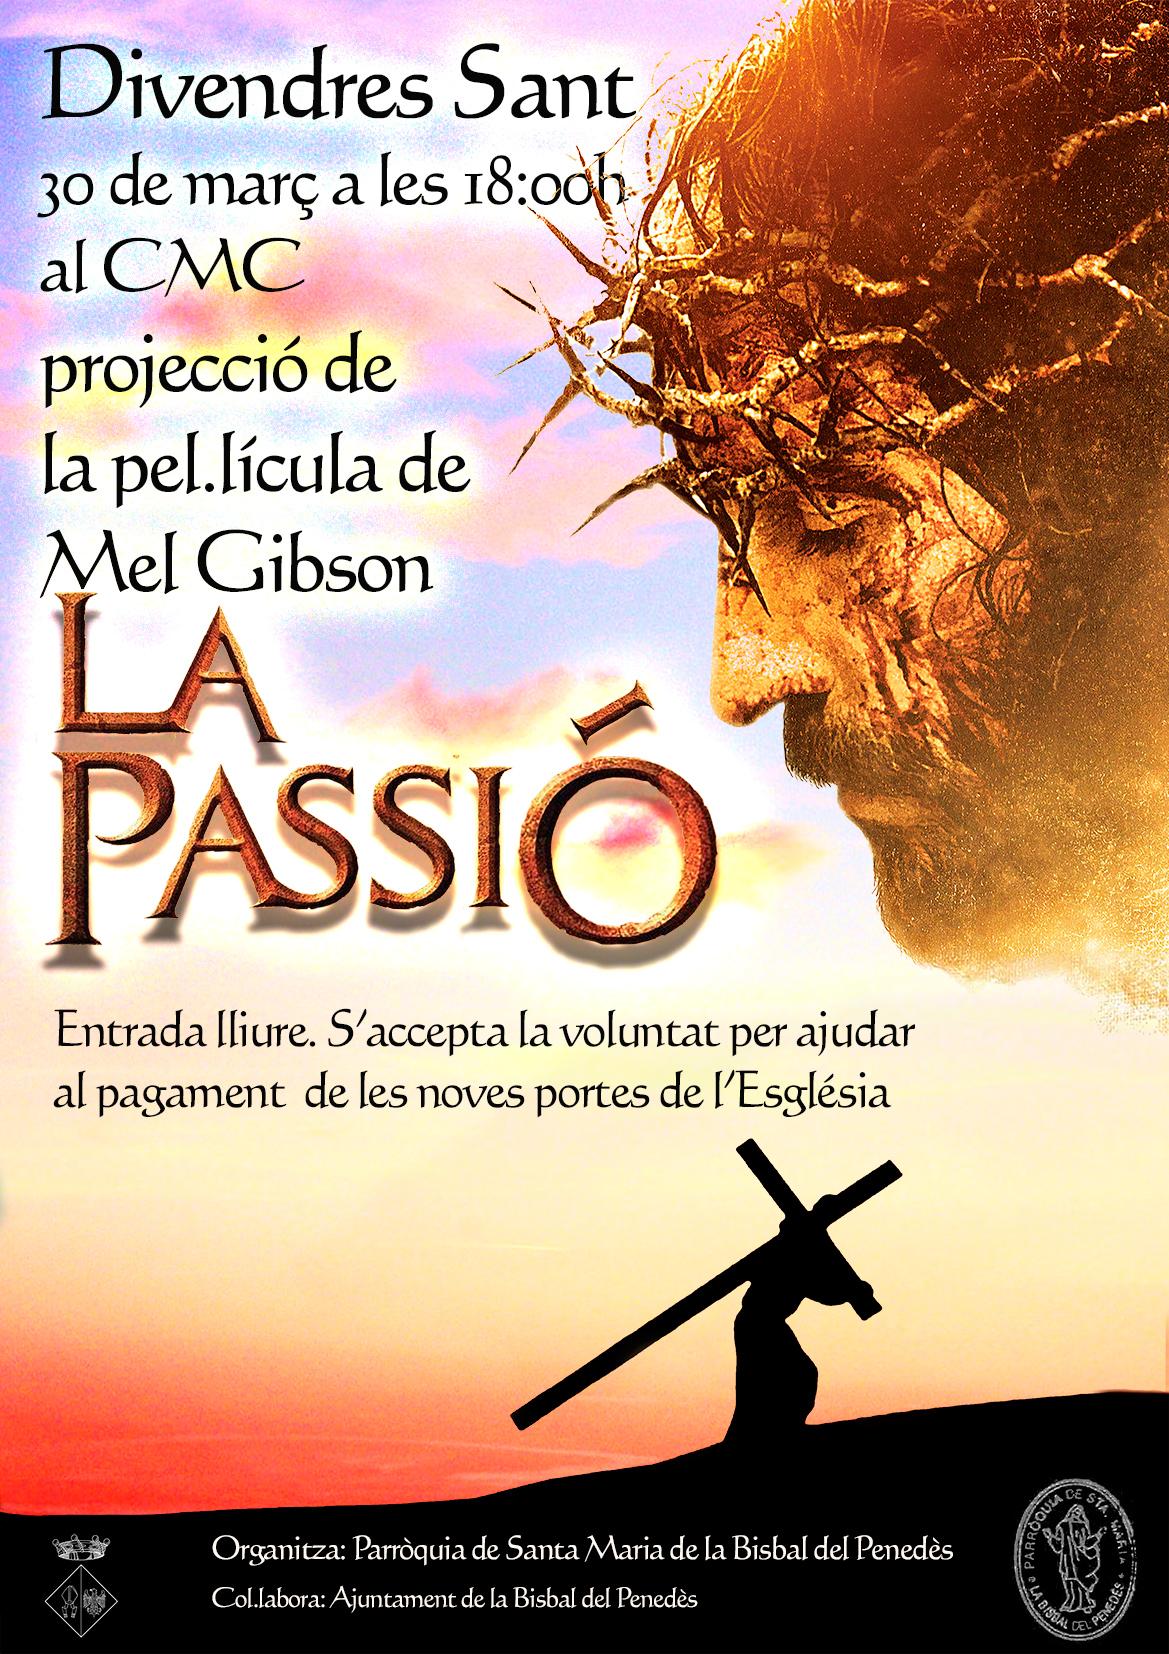 Aquest divendres podreu veure la pel·lícula 'La passió' al CMC